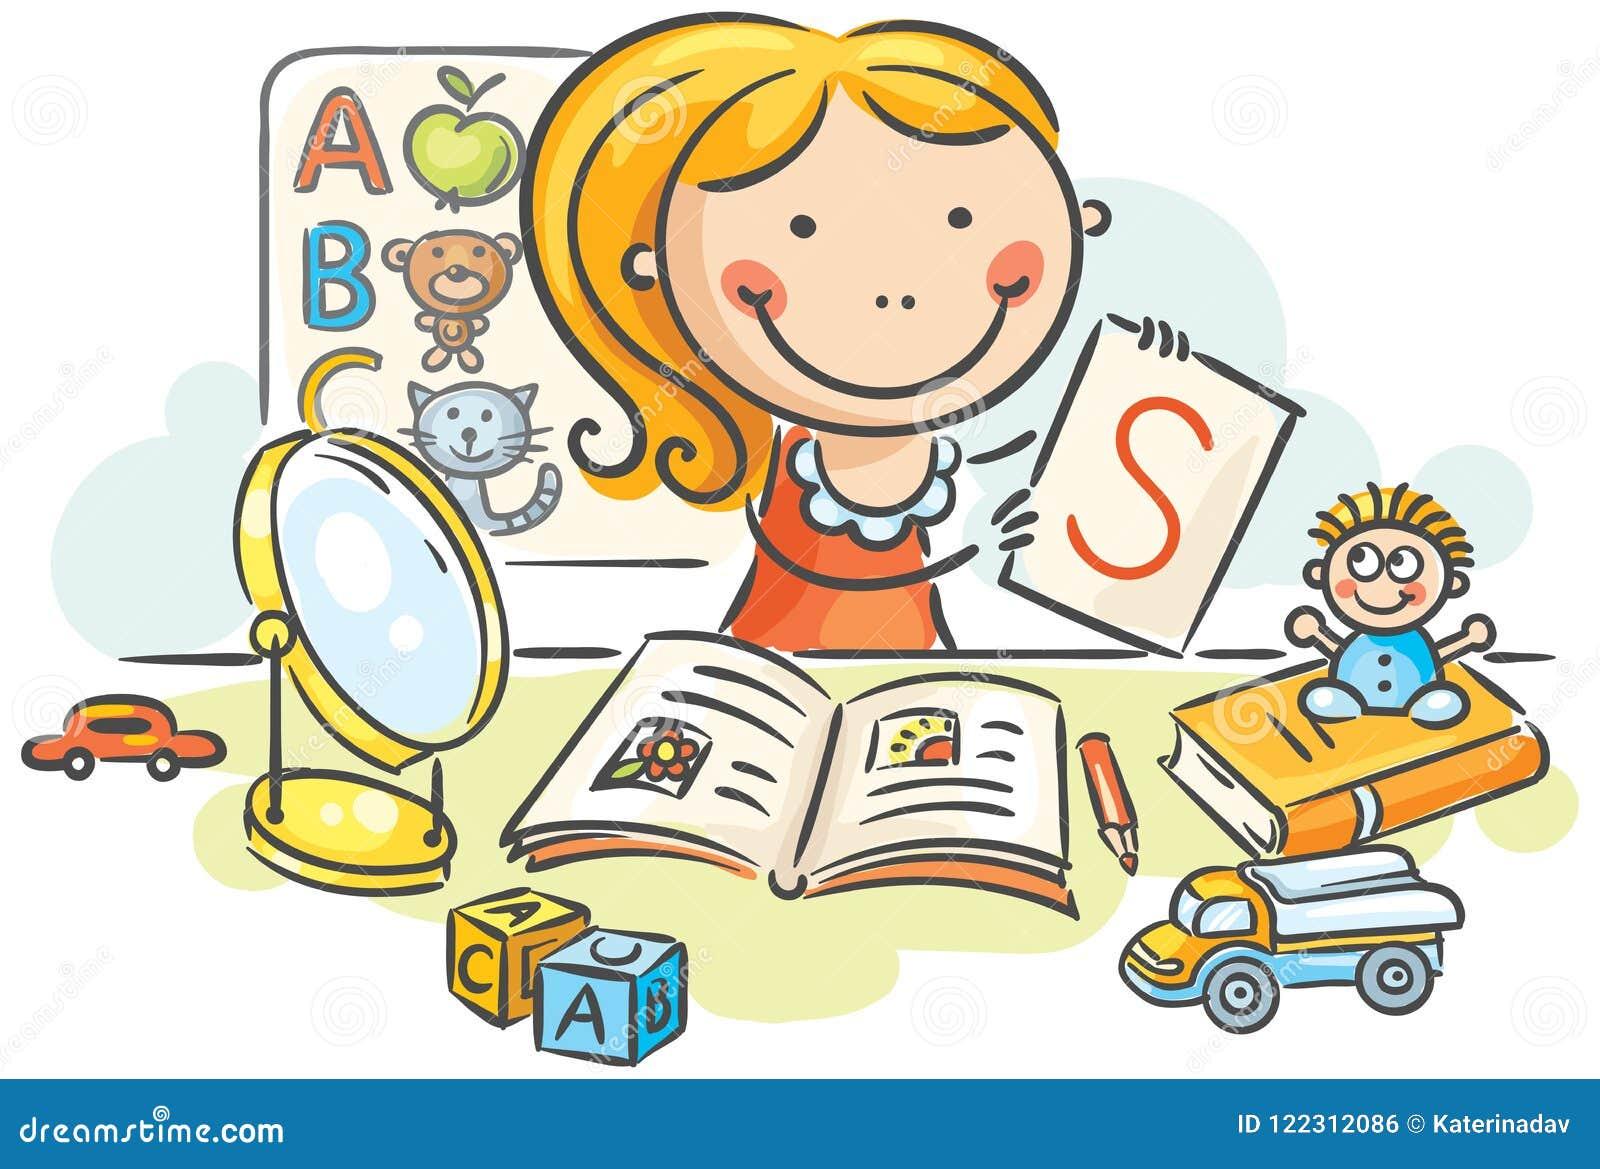 Ein Kinderlogopäde mit Spielwaren, Bücher, Buchstaben, Spiegel